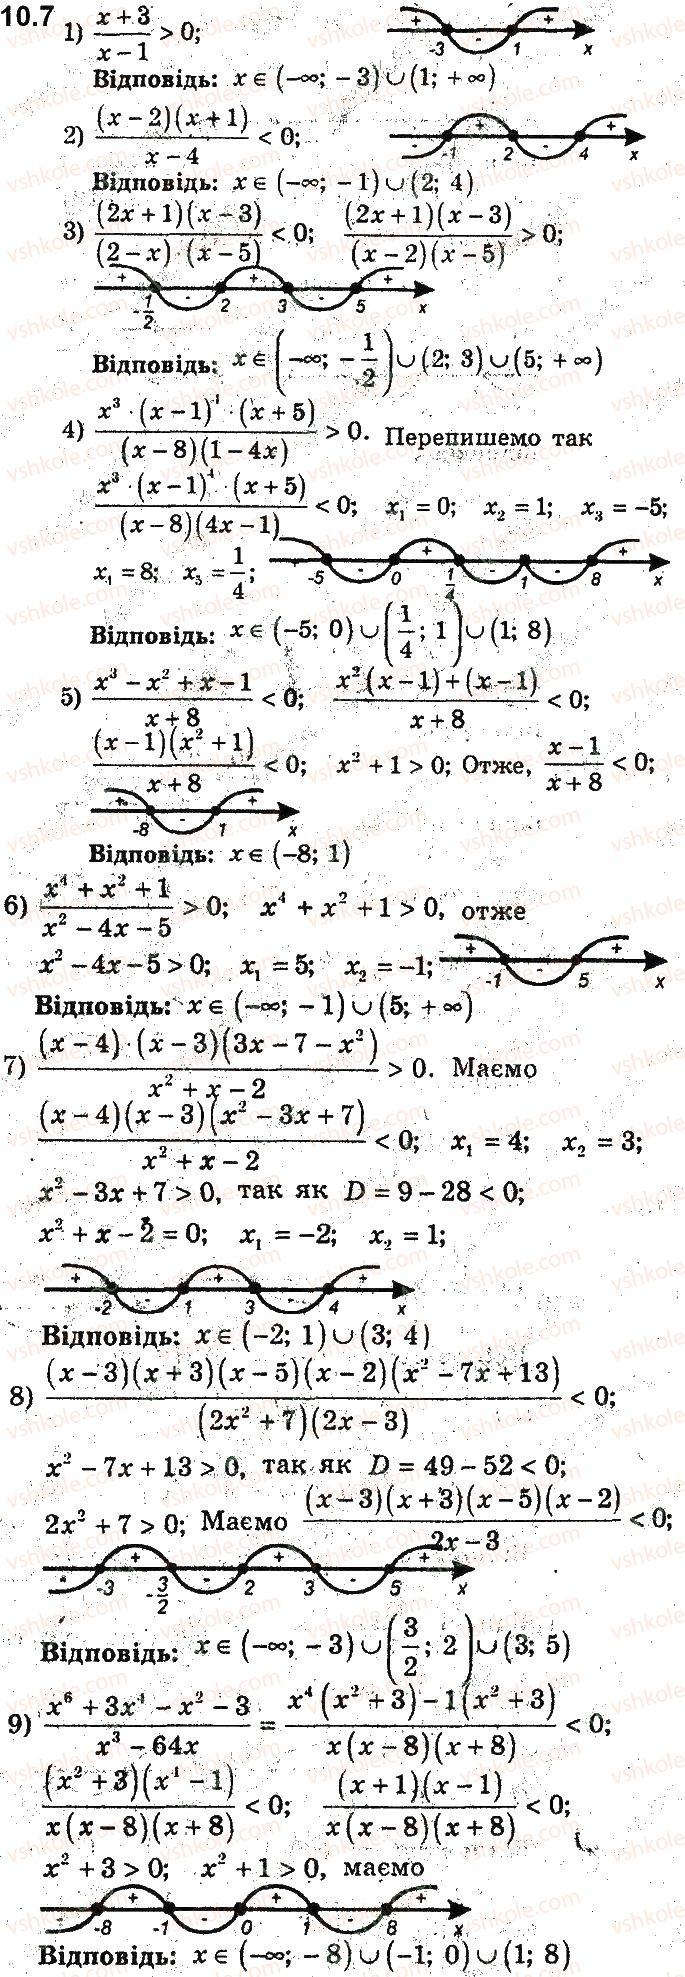 9-algebra-ag-merzlyak-vb-polonskij-ms-yakir-2017-pogliblene-vivchennya--2-kvadratichna-funktsiya-10-rozvyazuvannya-nerivnostej-metodom-intervaliv-7.jpg